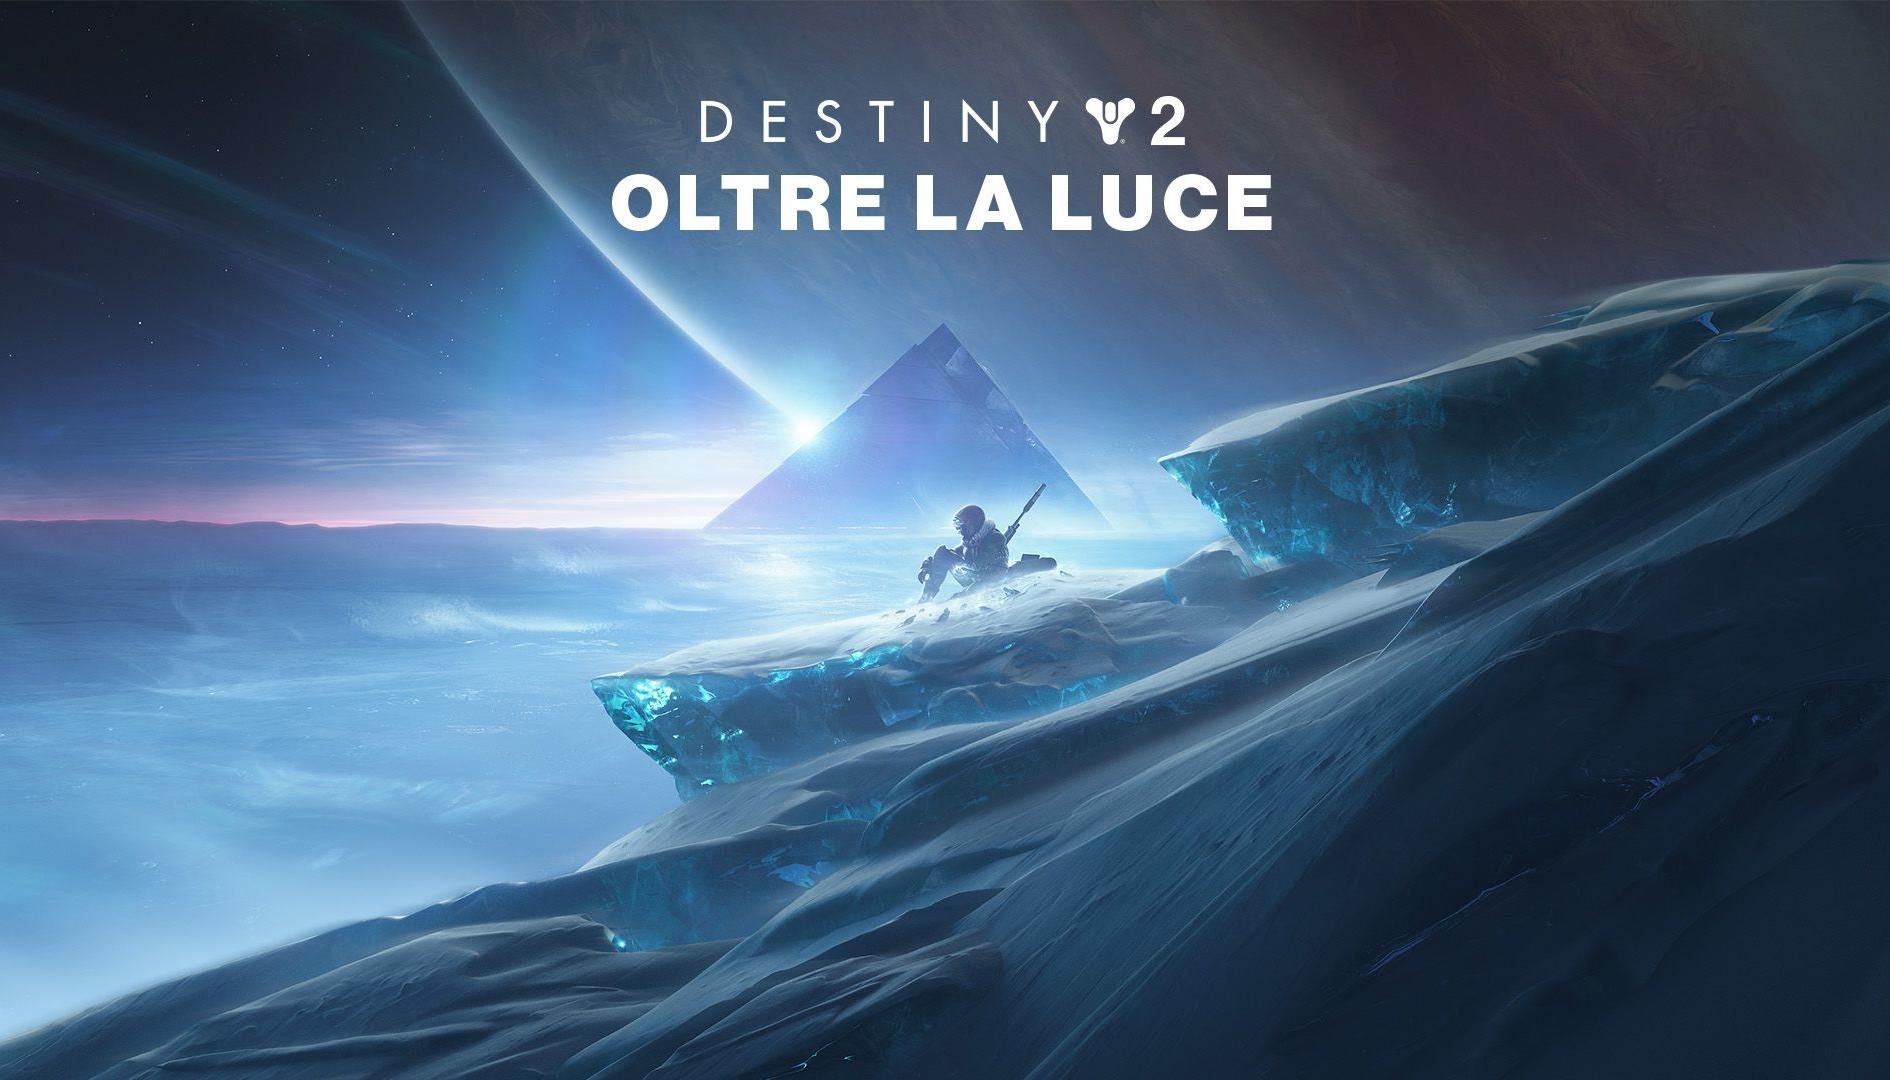 Destiny 2 Oltre la Luce: data di uscita e tutte le novità